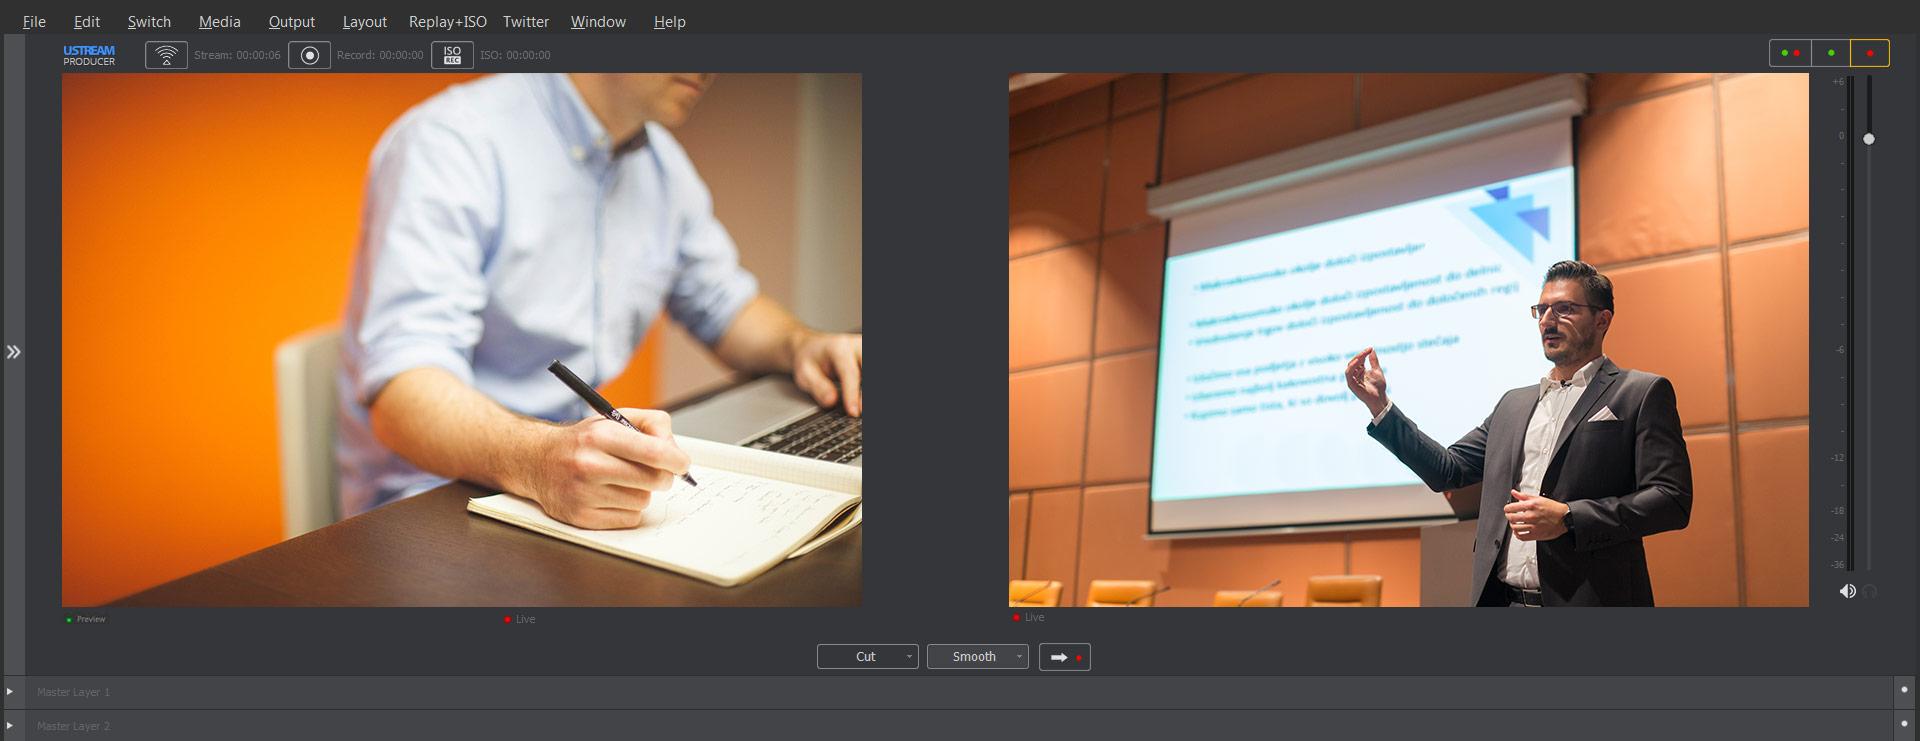 How to Setup a Live Stream: Encoder